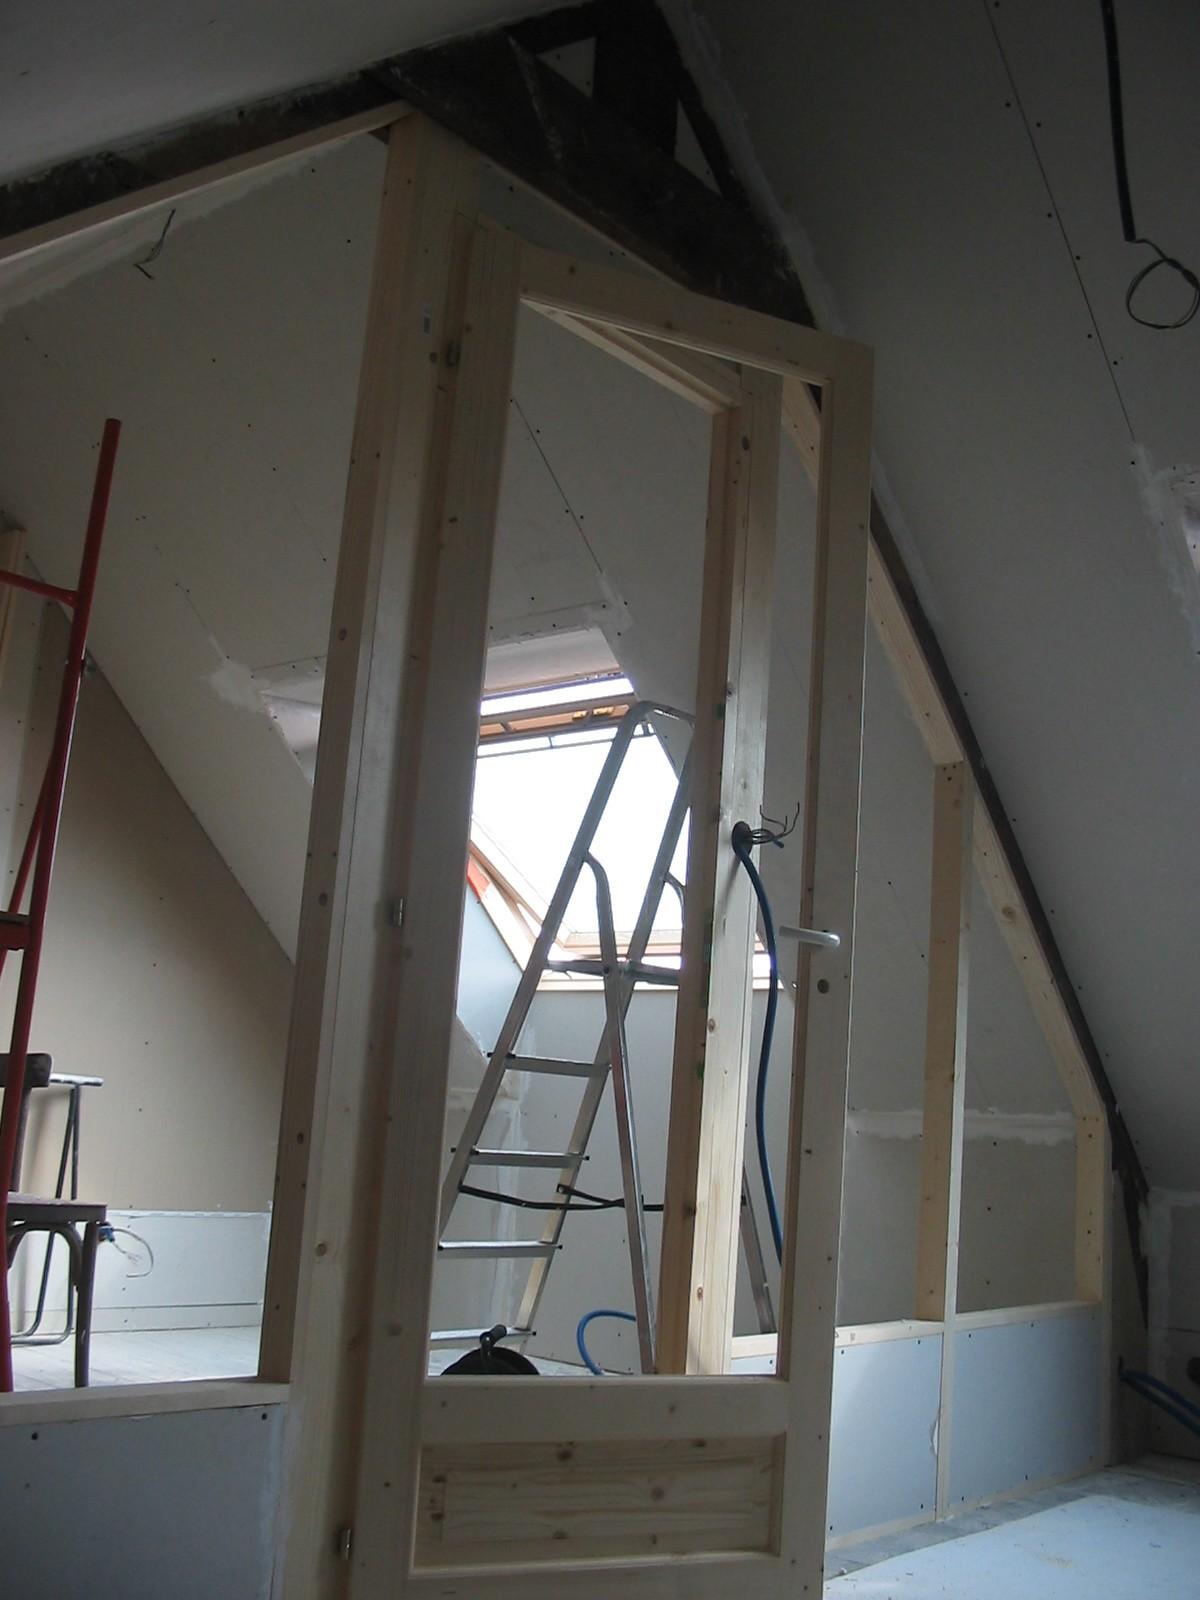 comment monter une cloison comment abattre une cloison en placo nouveau ment monter une. Black Bedroom Furniture Sets. Home Design Ideas